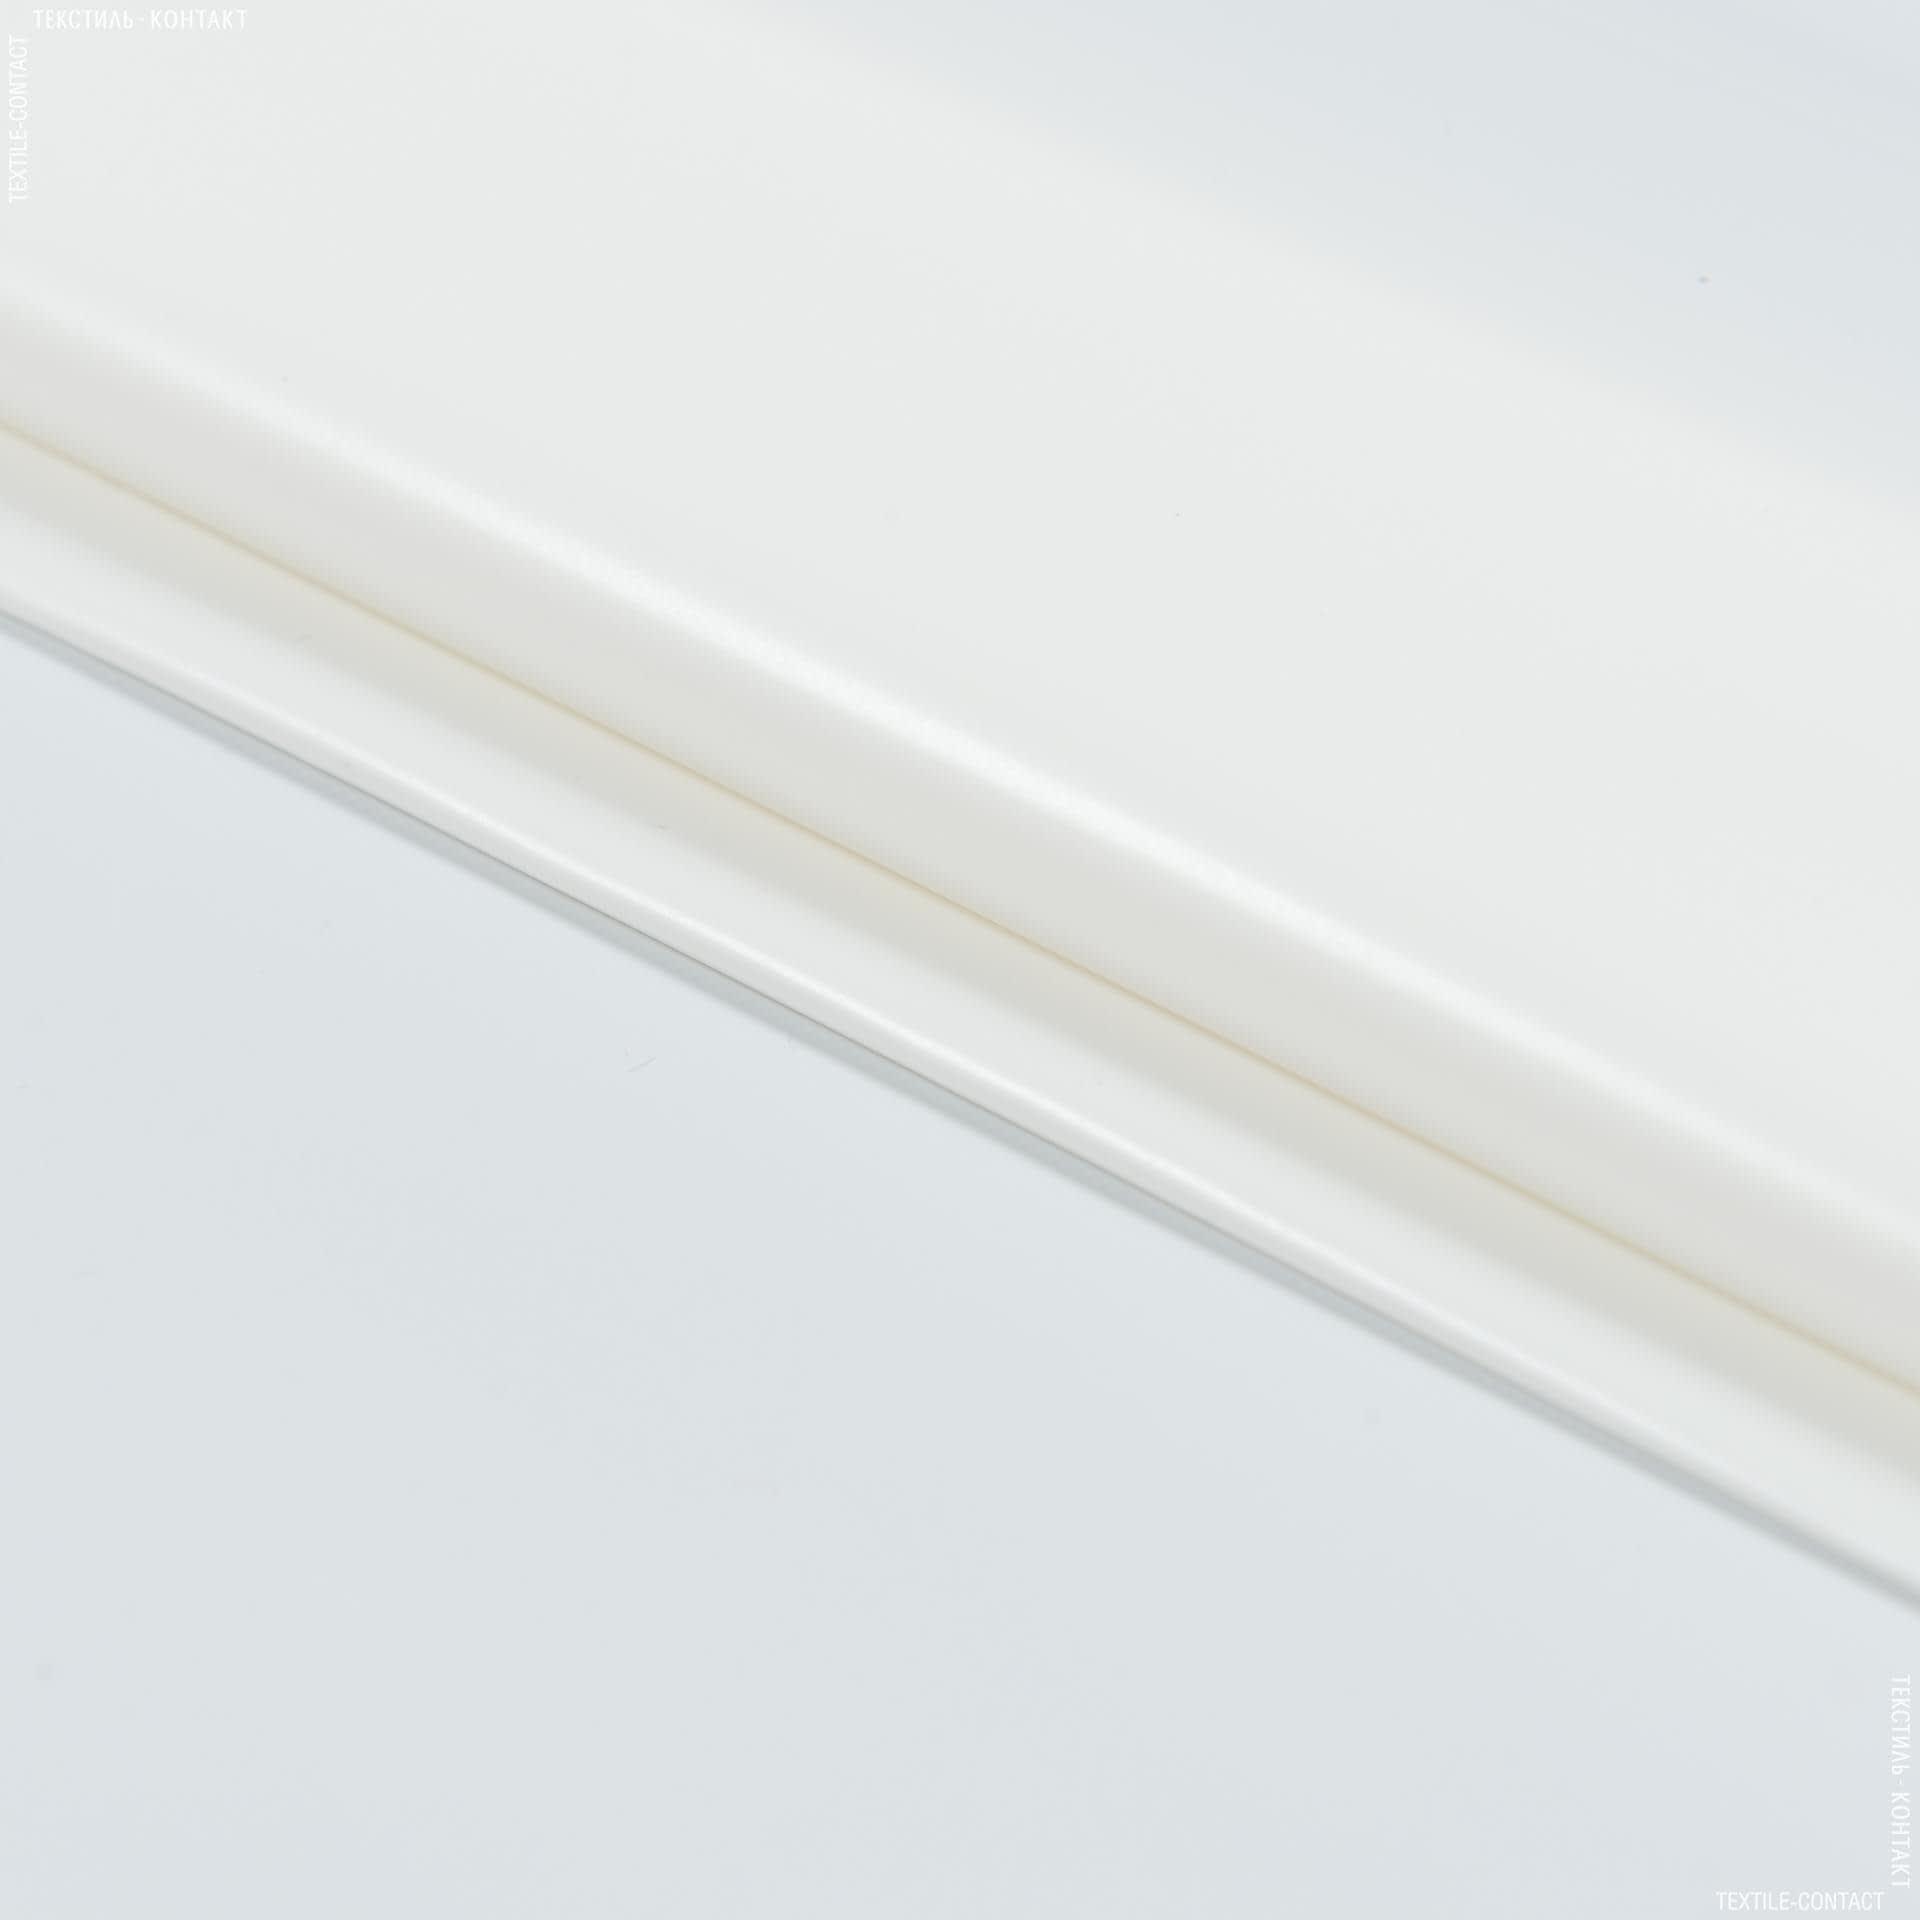 Тканини horeca - Скатертна плівка лісо молочний